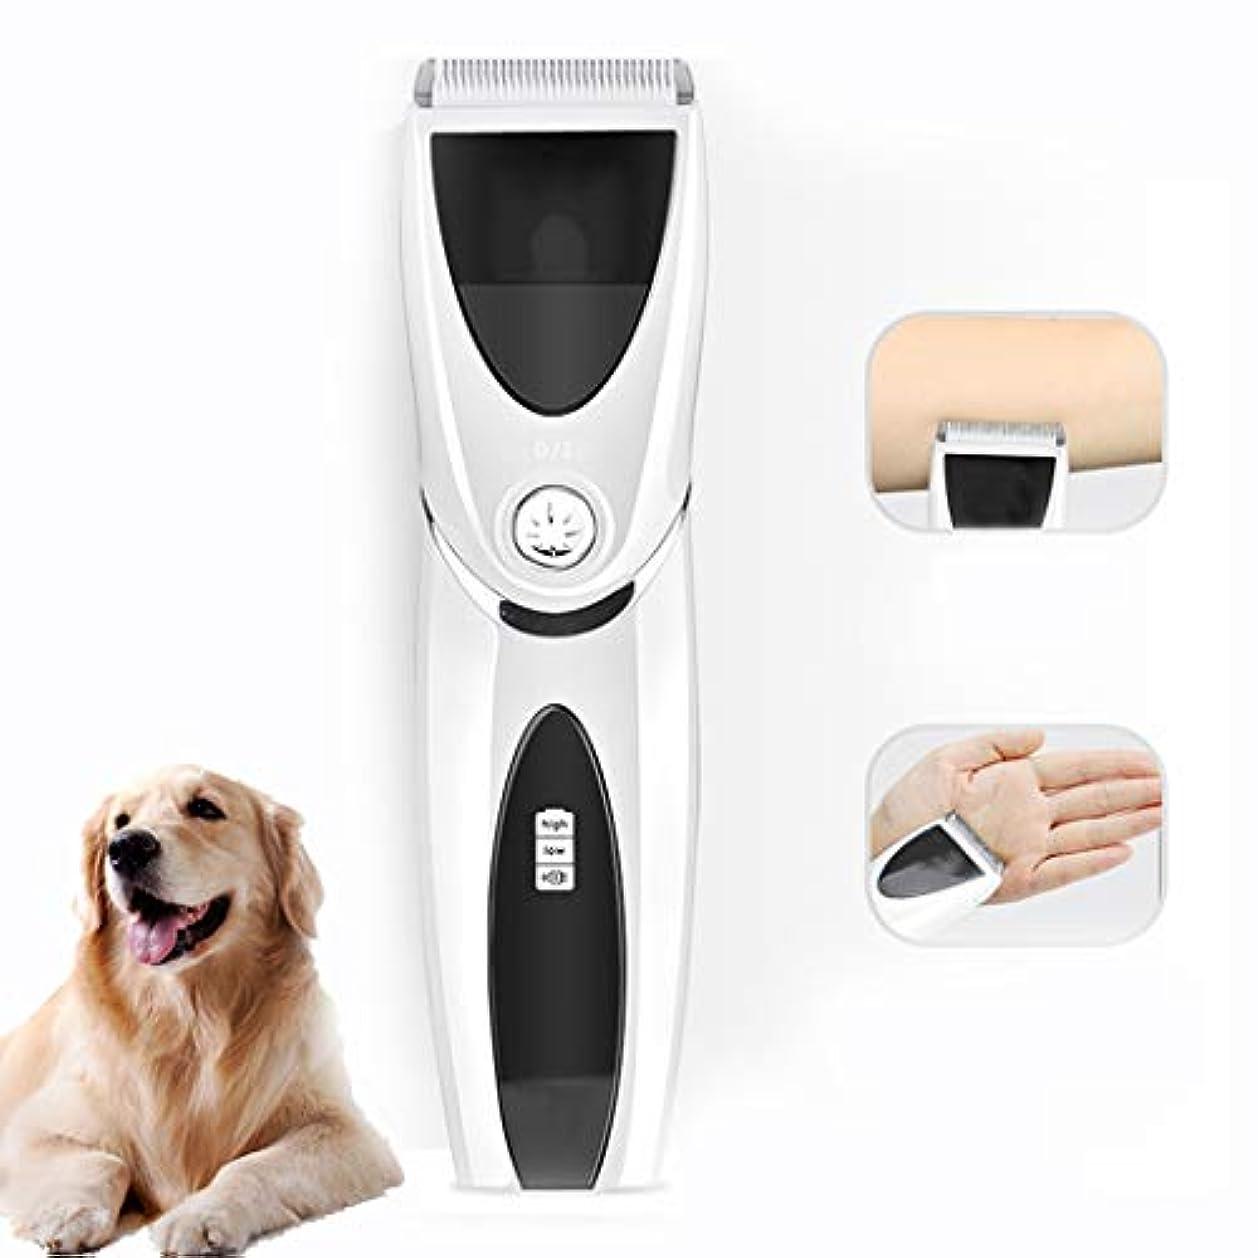 政権不可能な魅惑する犬用バリカン、低雑音犬グルーミングクリッパー充電式コードレスペット毛トリマー、犬猫ペット用最高のバリカン